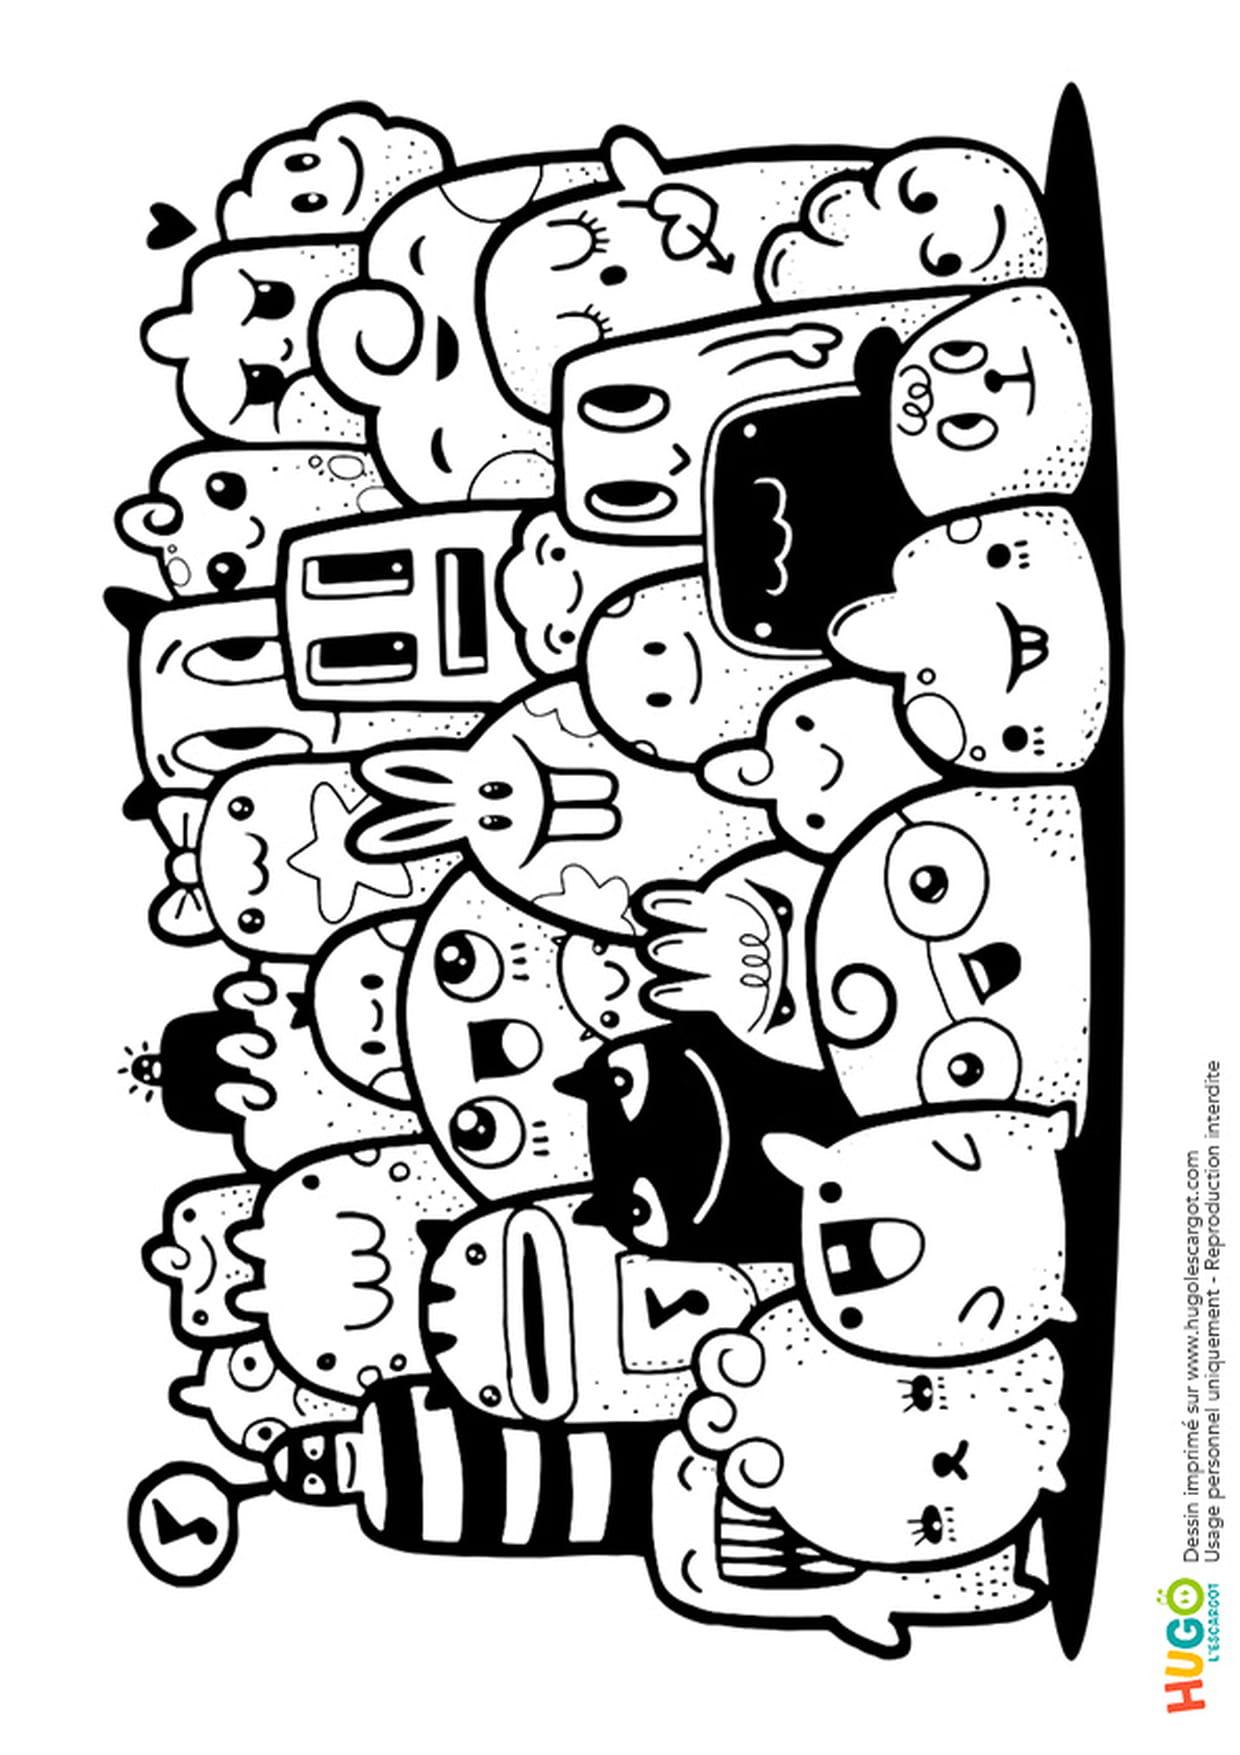 Coloriage Petits Monstres Et Animaux Kawaii En Ligne Gratuit pour Coloriage Manga Kawaii